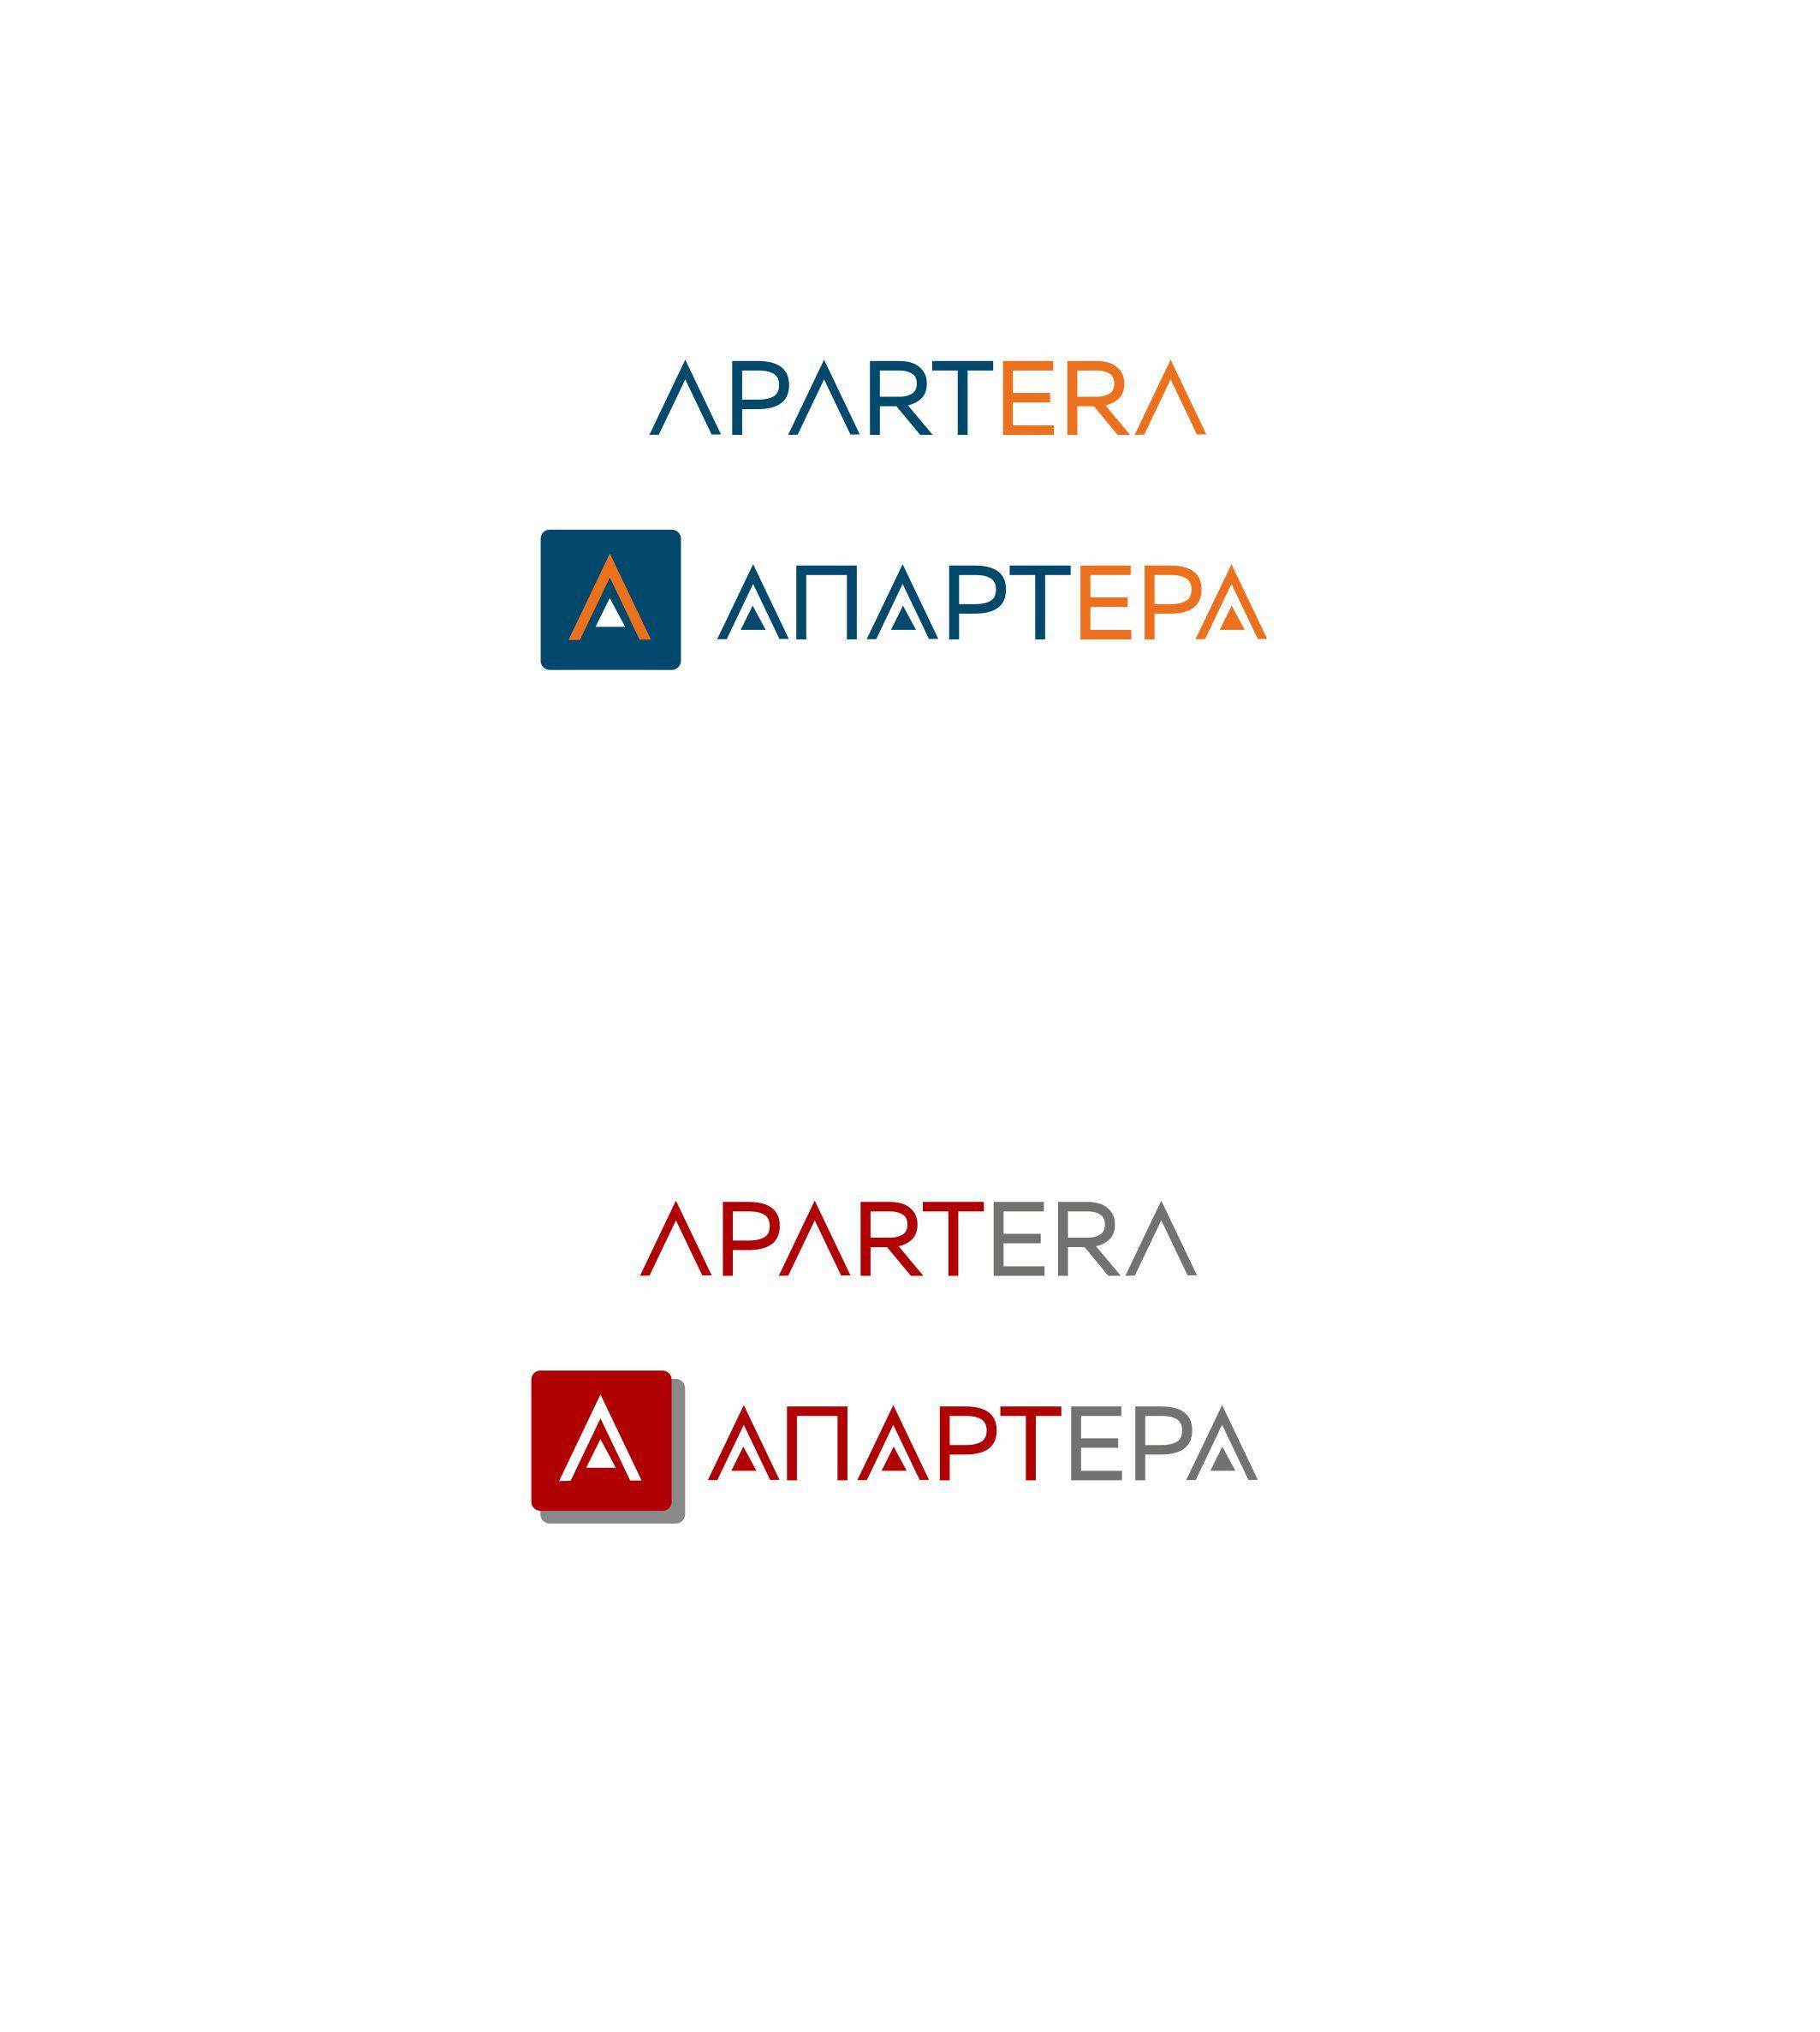 Логотип для управляющей компании  фото f_6185b7d2046750fc.jpg